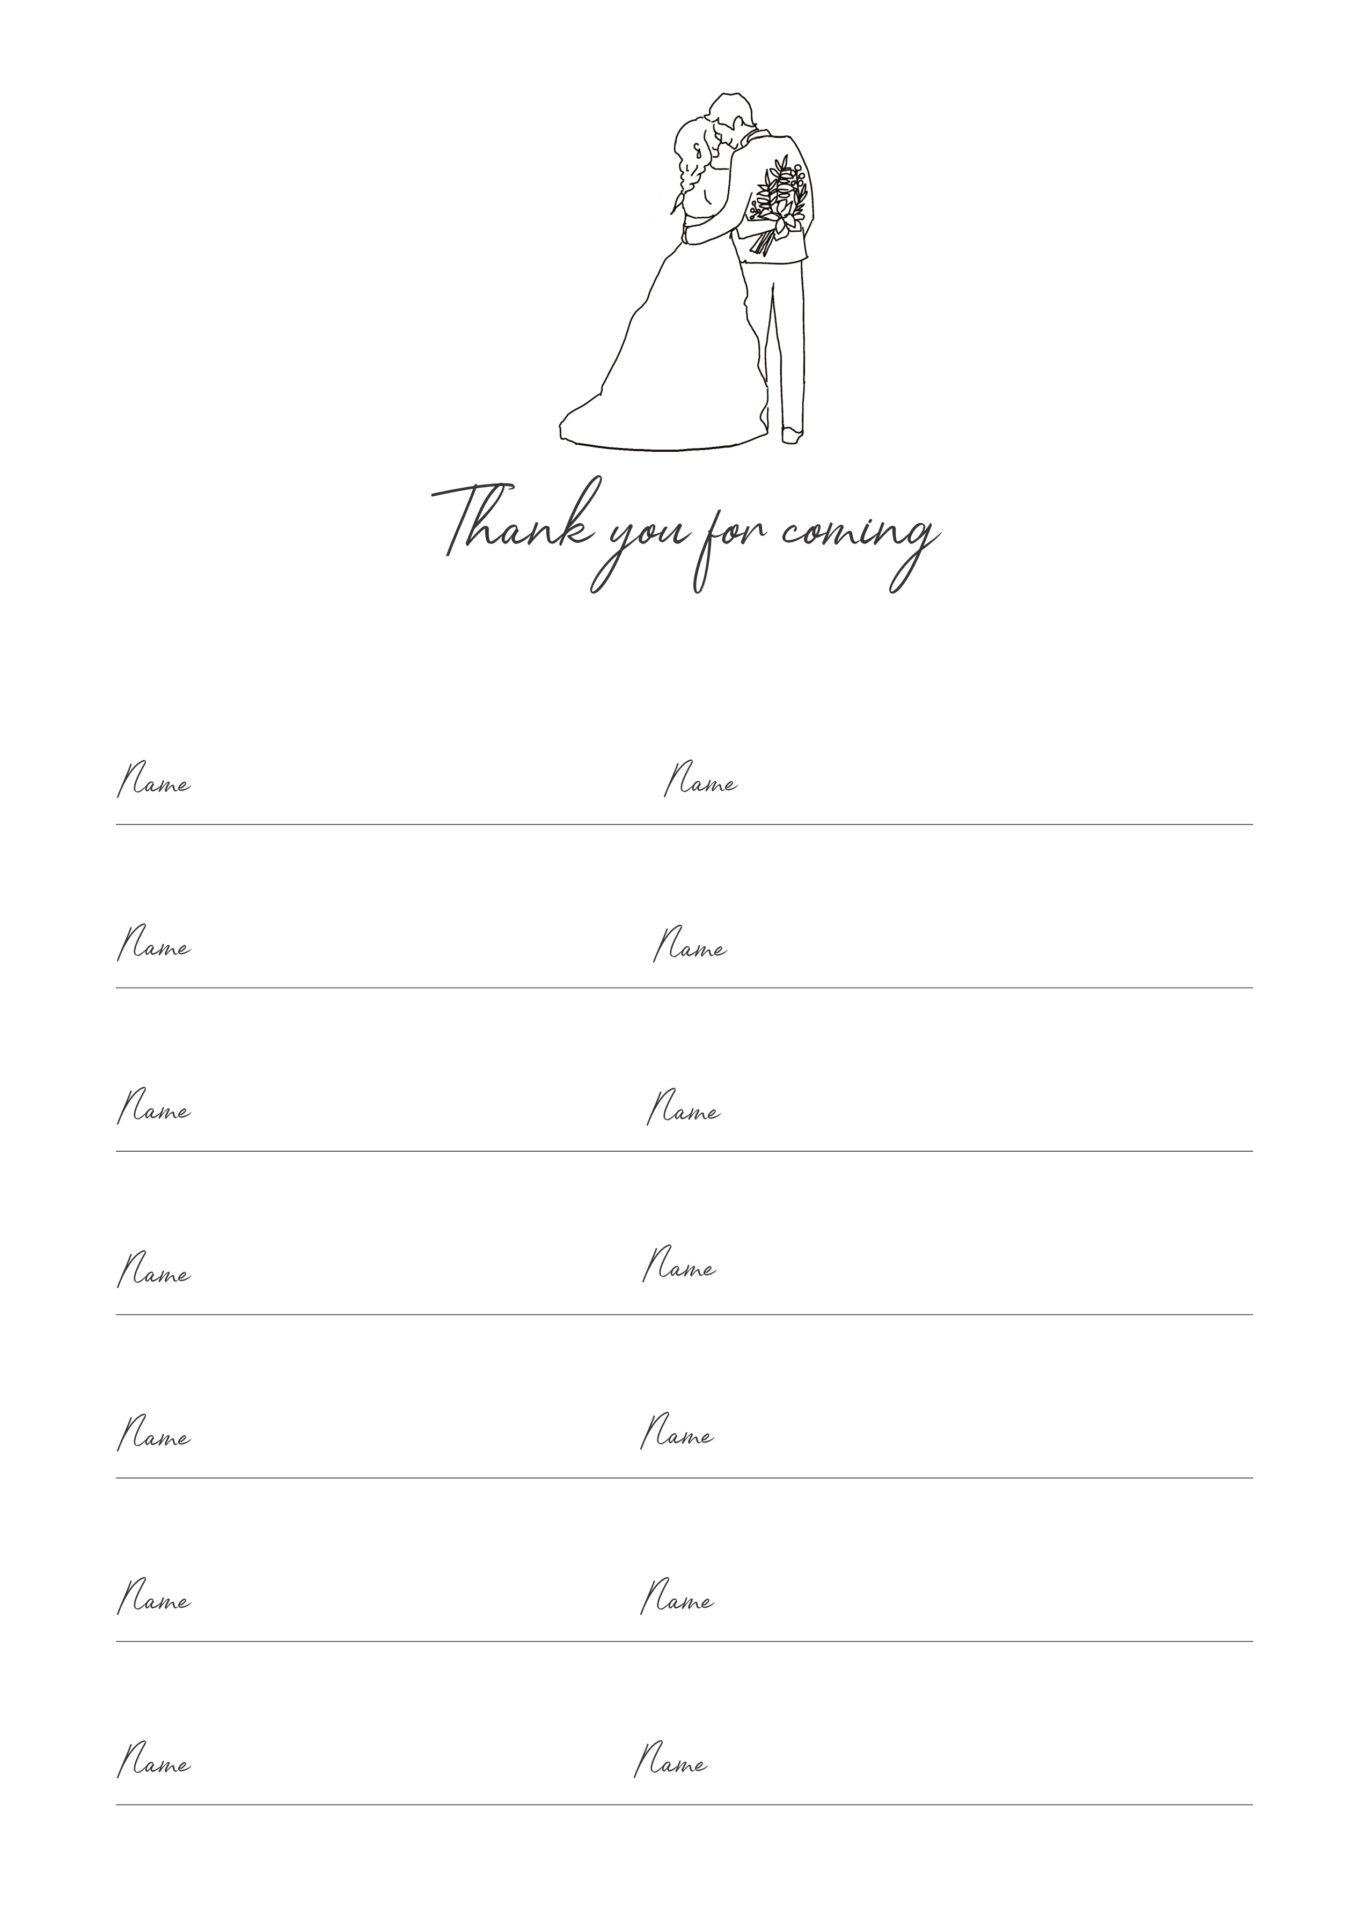 結婚式の芳名帳のデザイン